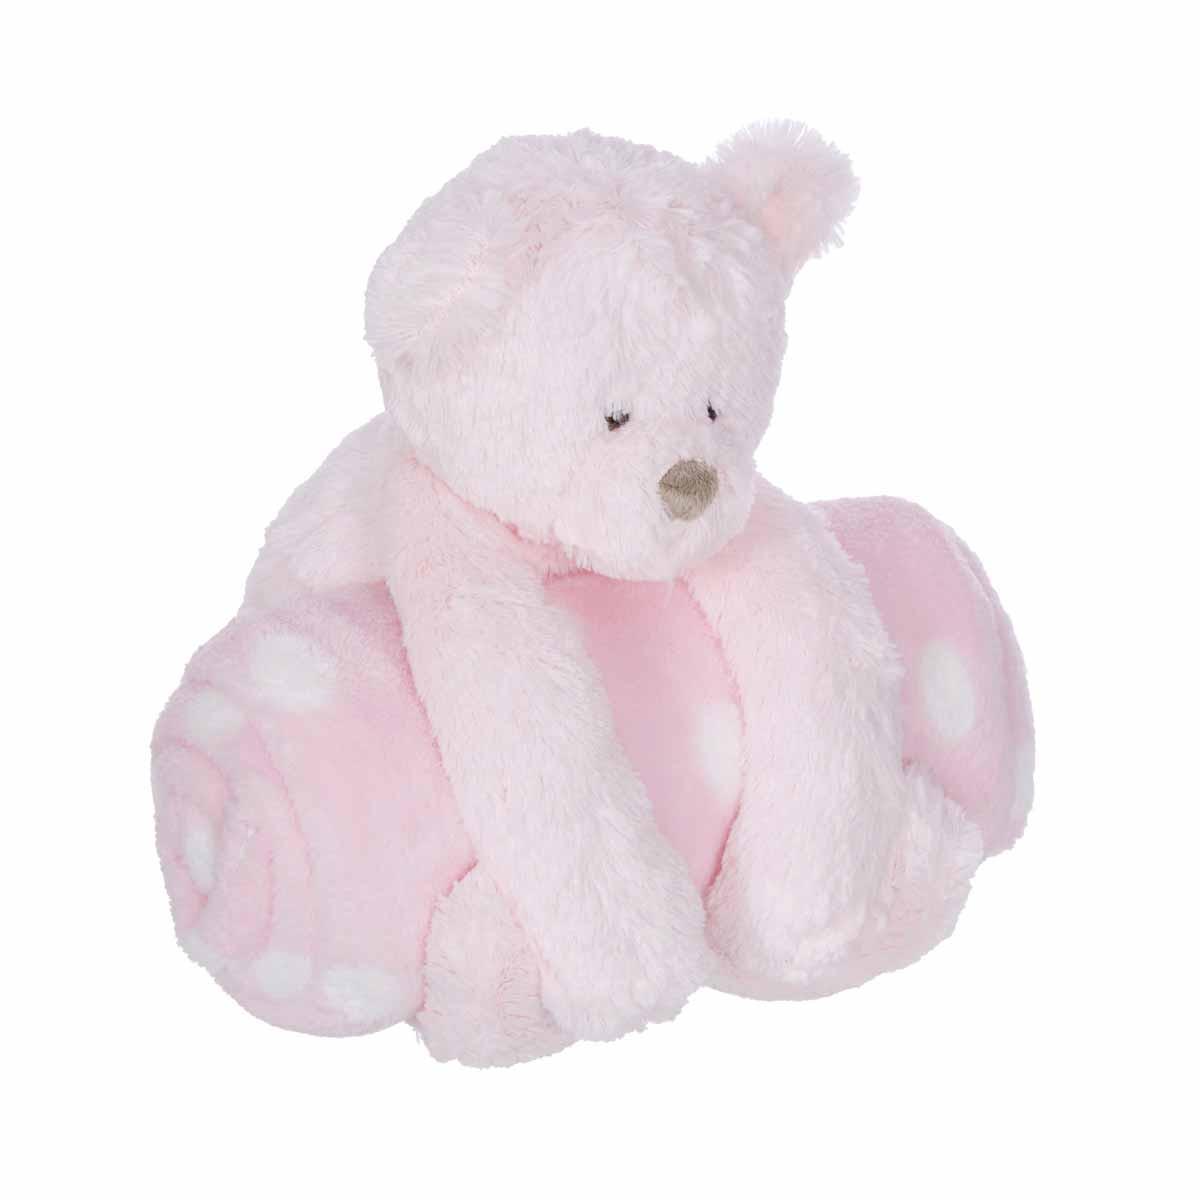 Κουβέρτα Fleece Αγκαλιάς Manon Des Pres Αρκουδάκι Ροζ BR72950